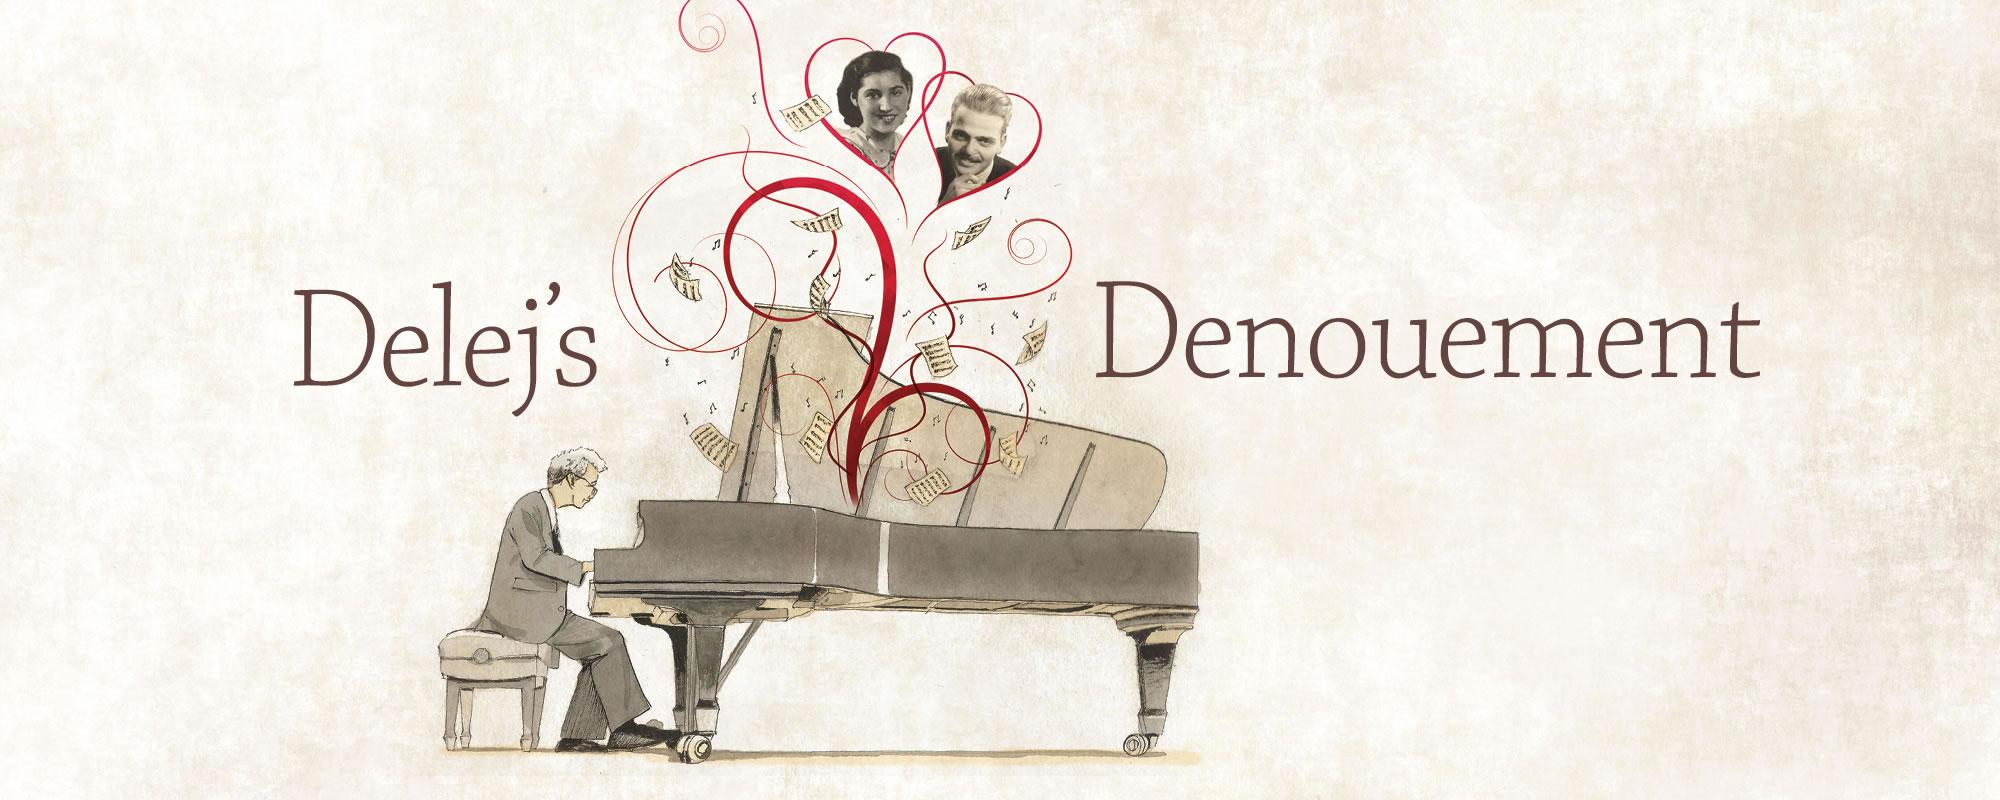 Delej's Denouement